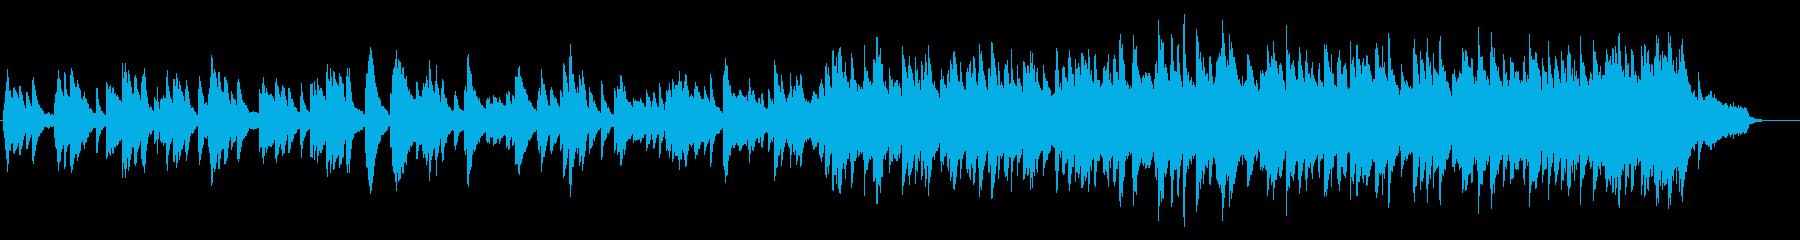 さみしくて切ないピアノ曲の再生済みの波形